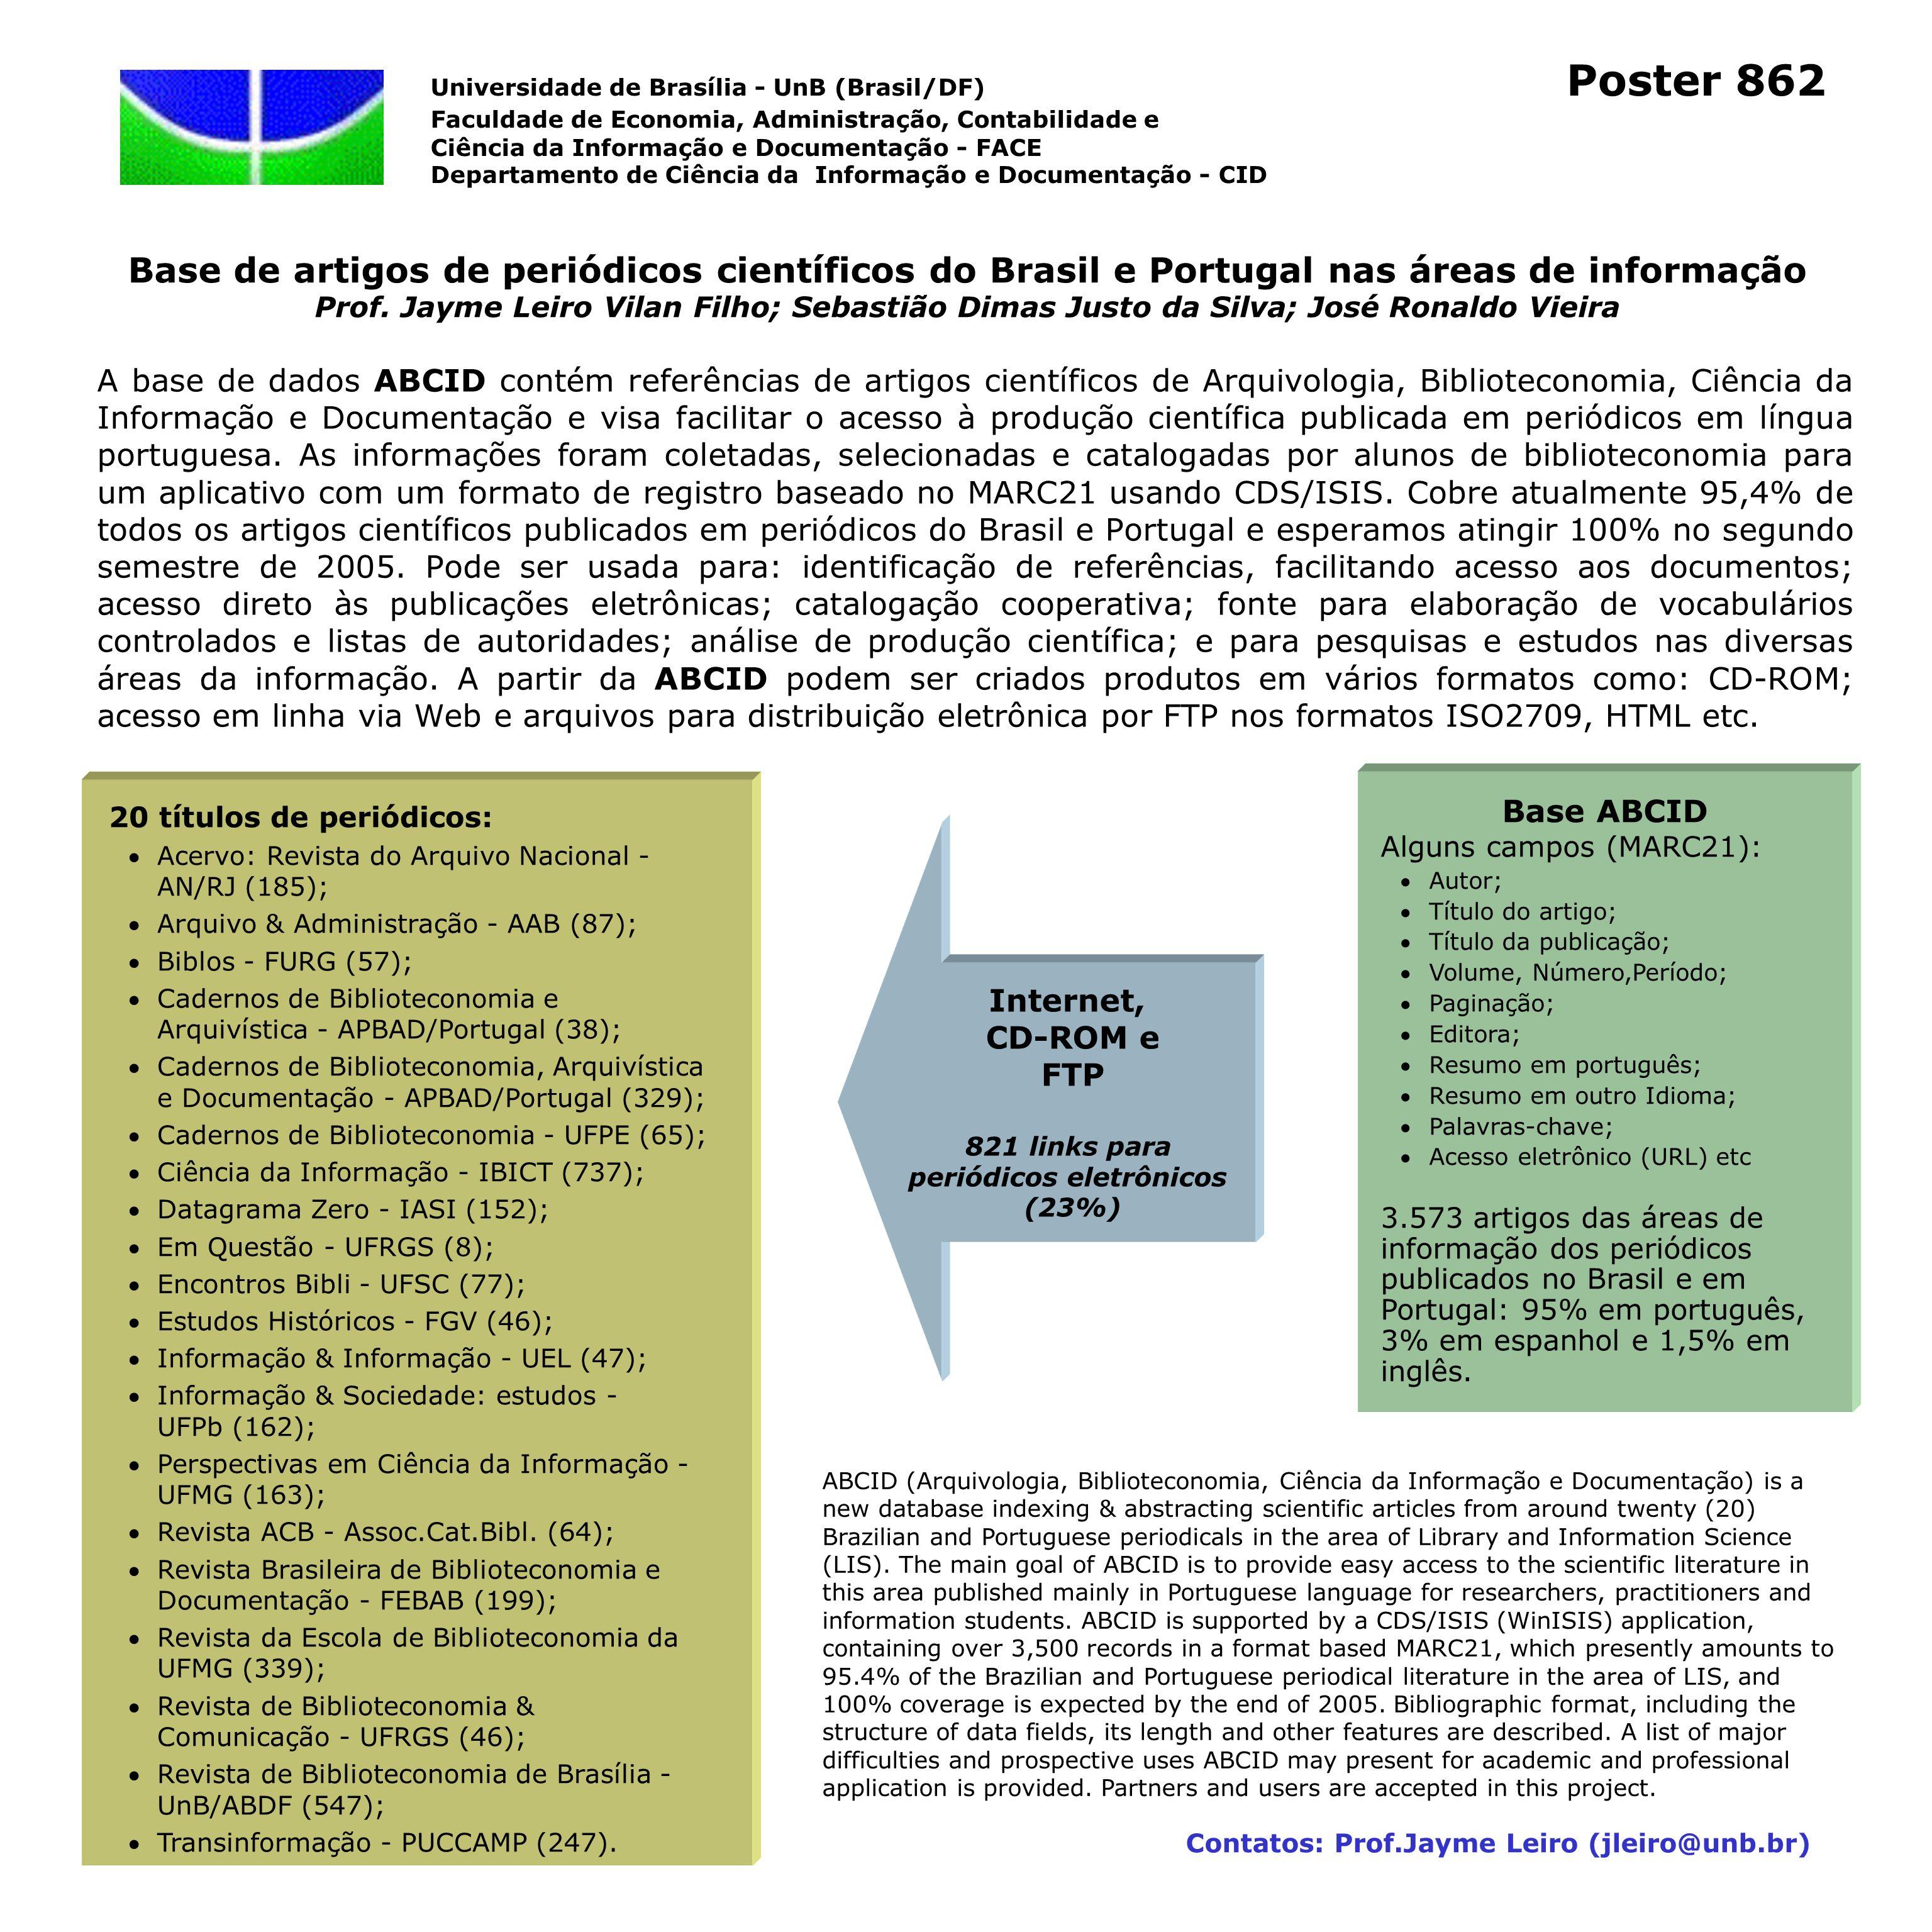 Base de artigos de periódicos científicos do Brasil e Portugal nas áreas de informação Prof. Jayme Leiro Vilan Filho; Sebastião Dimas Justo da Silva;